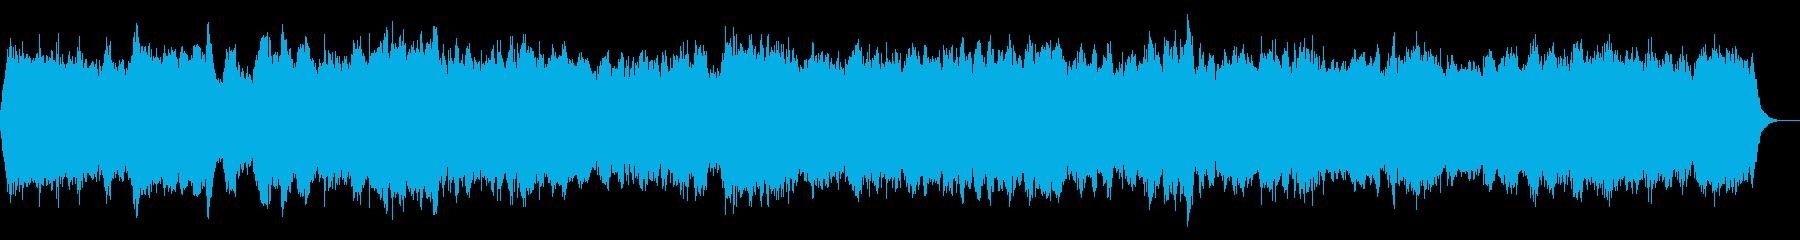 バッハのようなパイプオルガンの壮大な曲の再生済みの波形